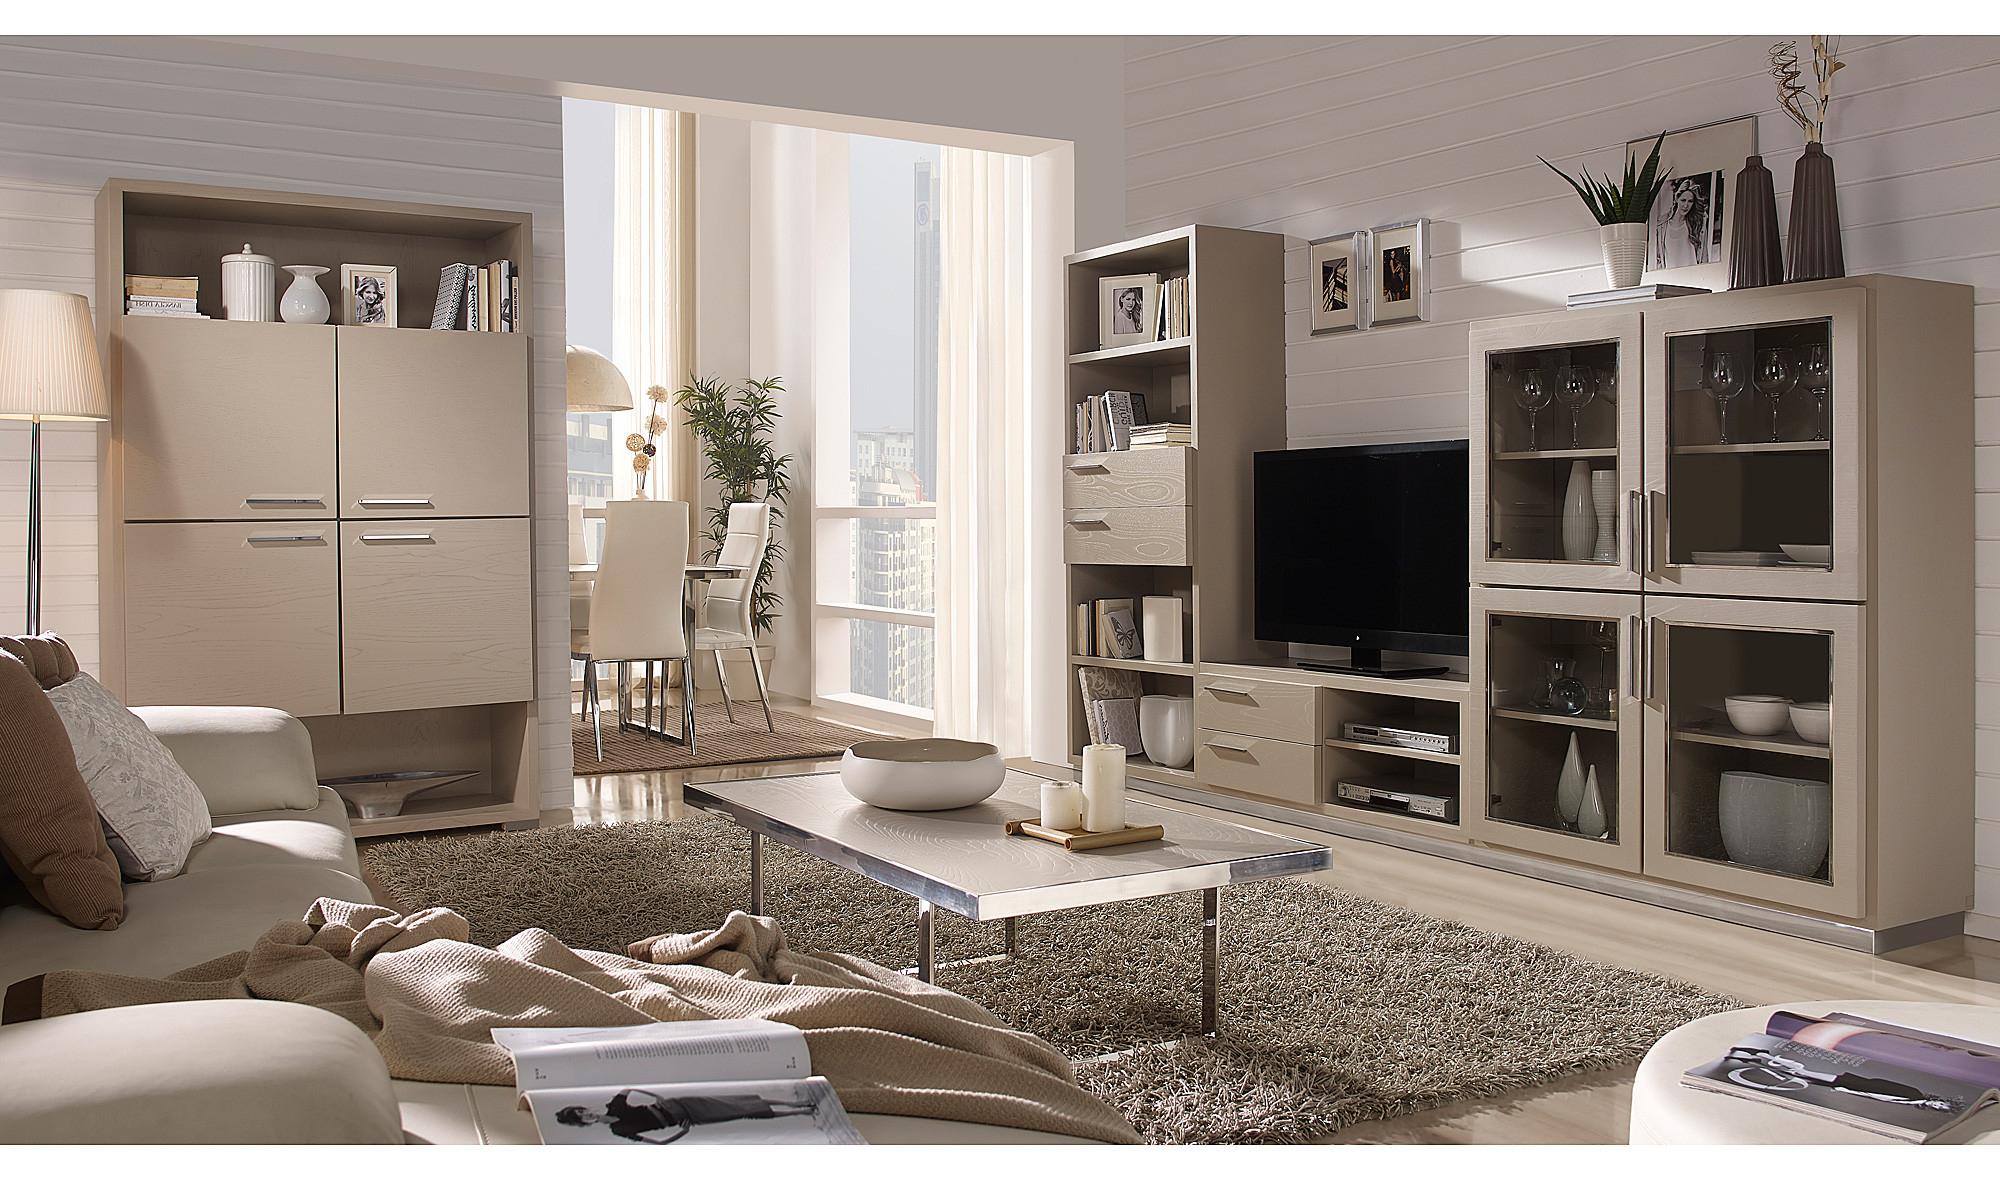 Muebles Salon Modernos Baratos Whdr Muebles Modernos Economicos Debido A Gustado Muebles Salon Modernos